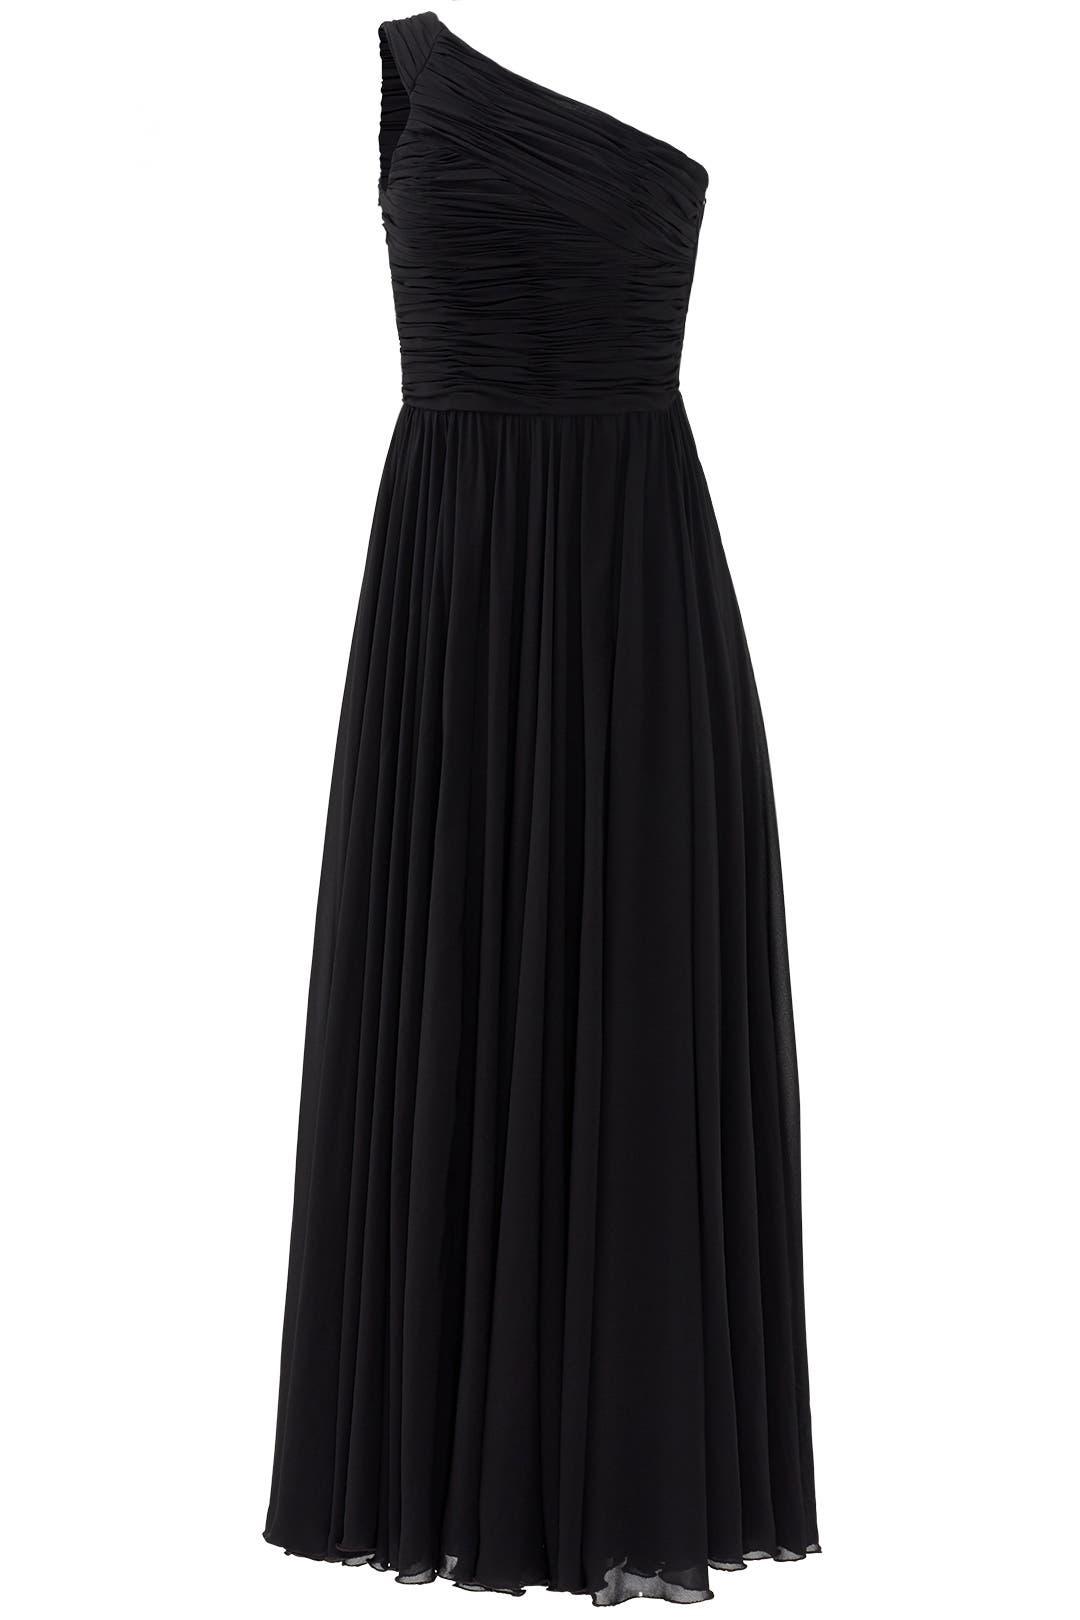 Noir Singapore Sensation Gown by Halston Heritage